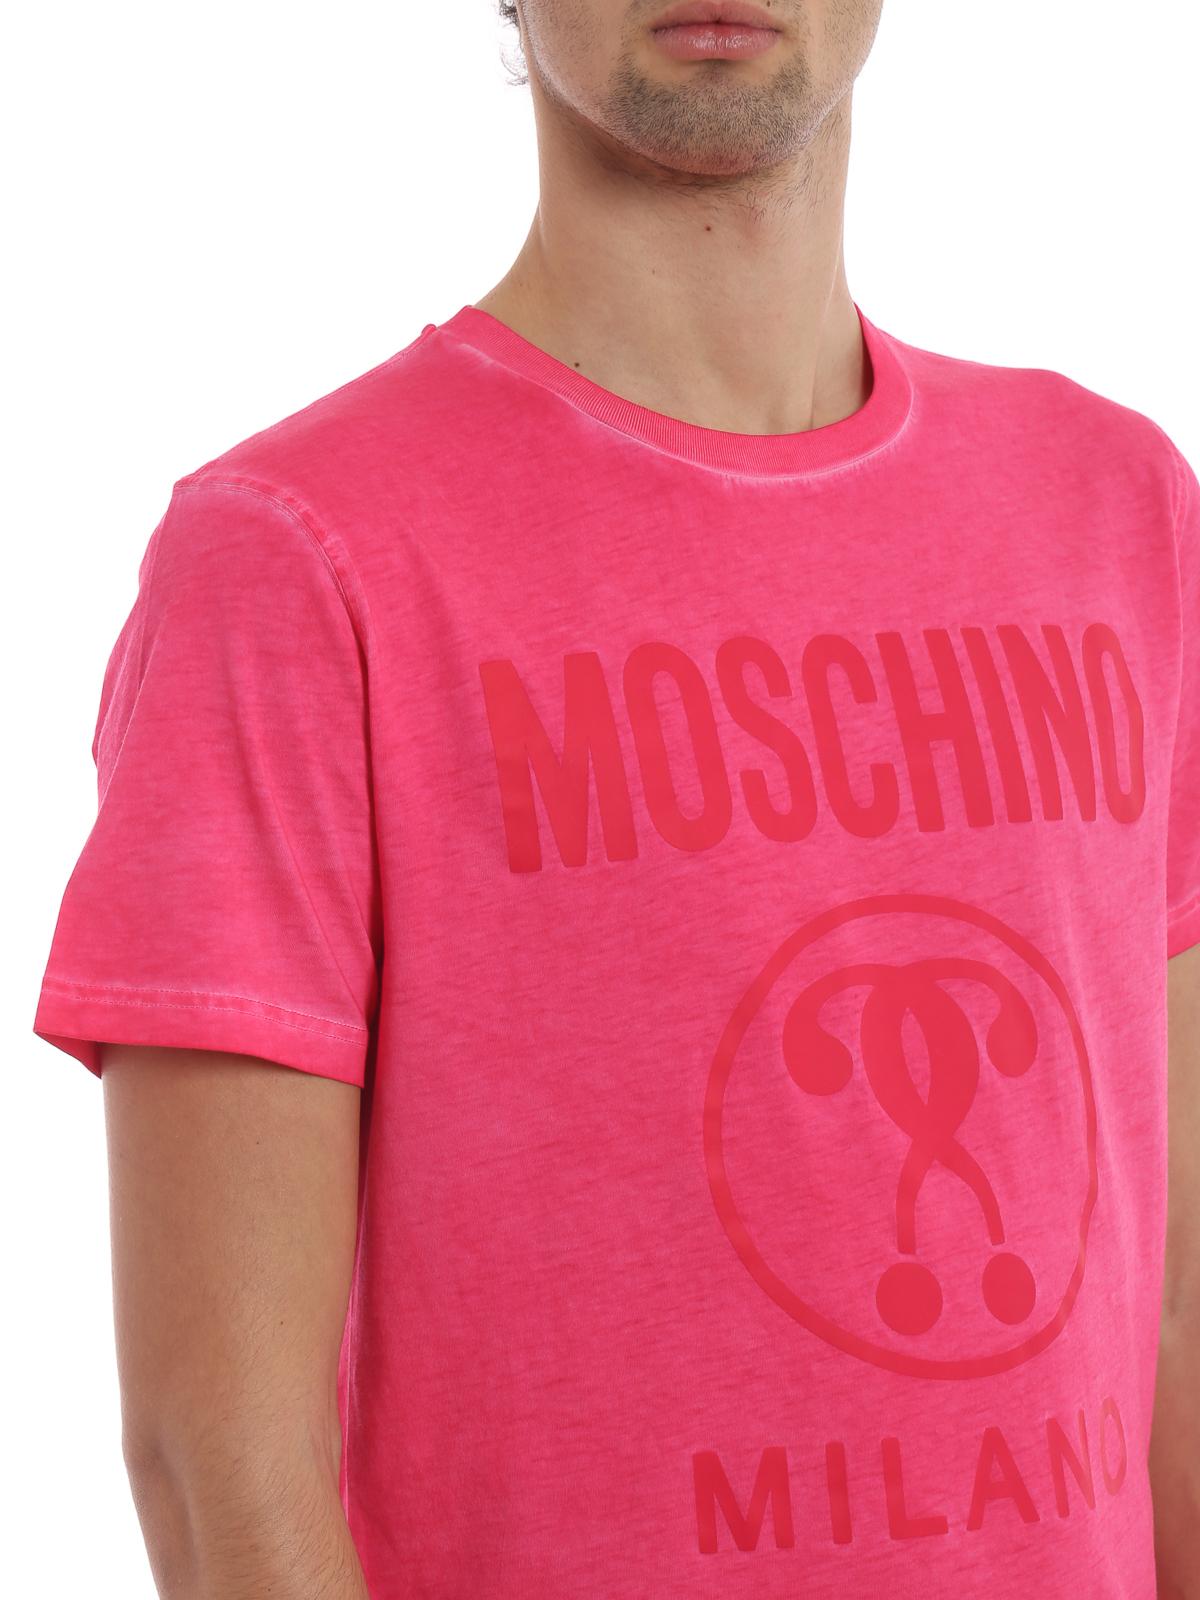 T Con Moschino Su In Estate shirt Logo Ikrix Rosa Cotone Tono rdxoWeQCB